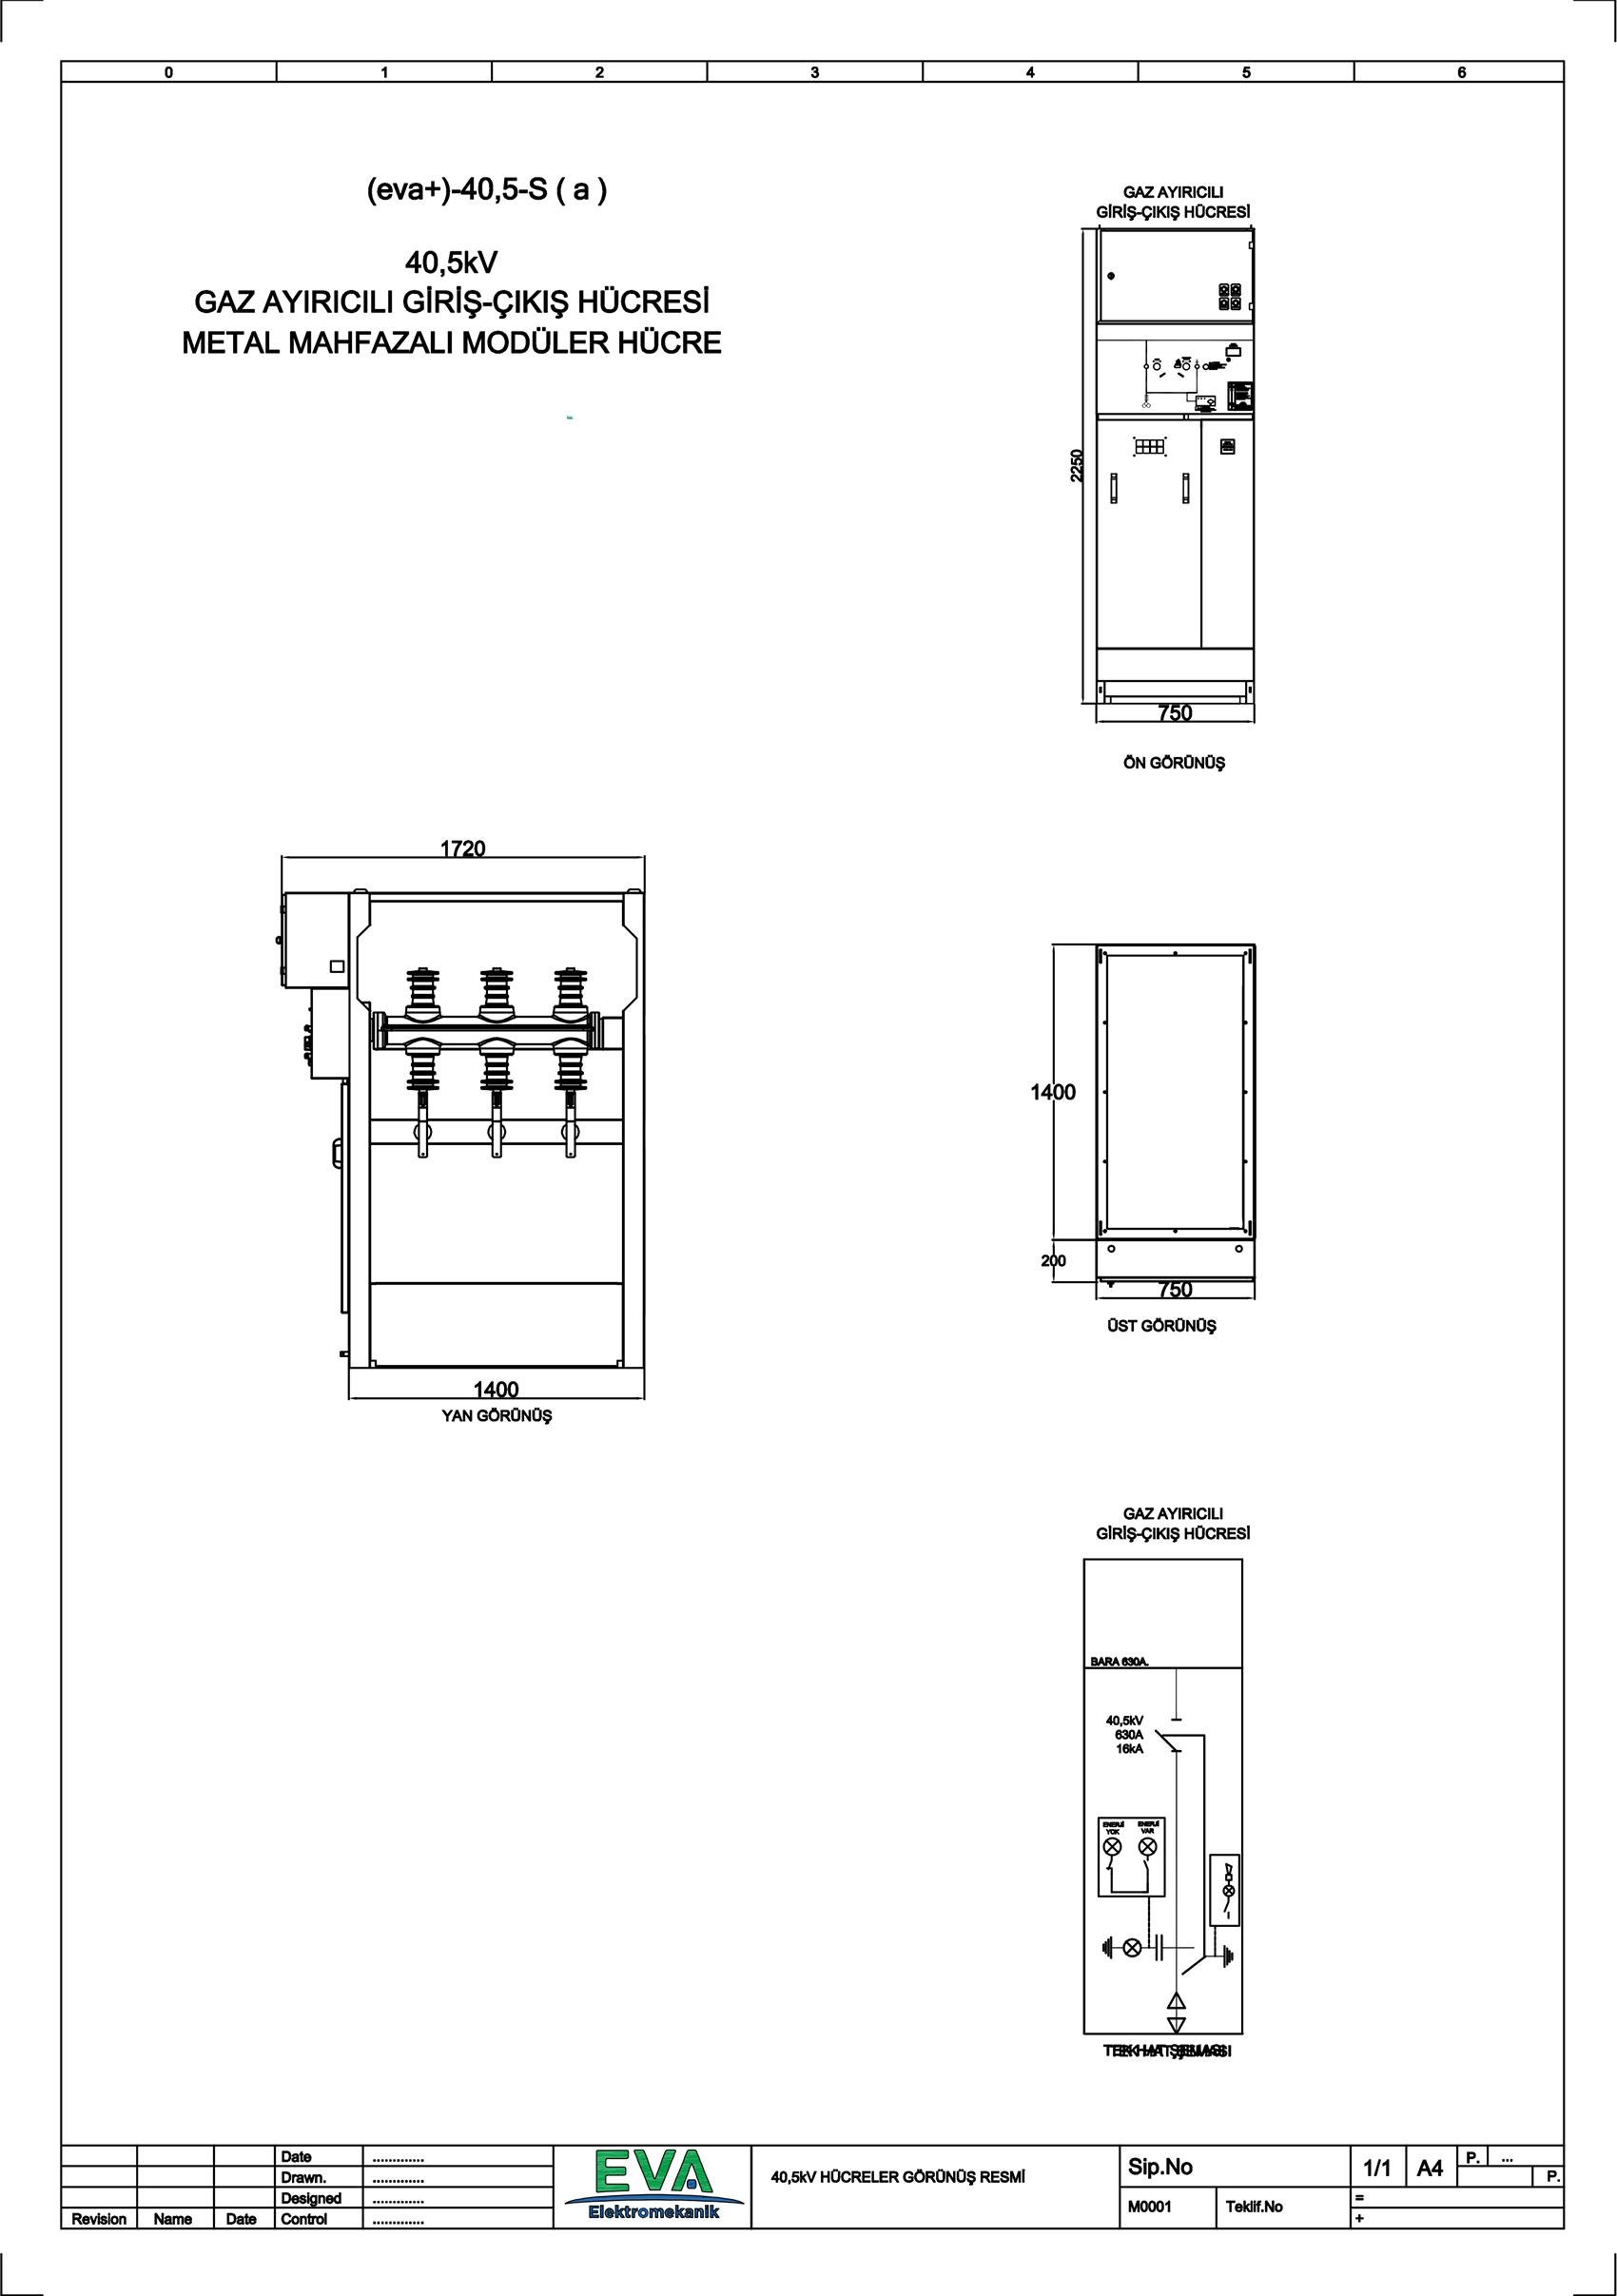 EVA+-40,5-Sa Gaz Ayırıcılı Giriş Çıkış Hücresi (Metal Mahfazalı Modüler Hücre)